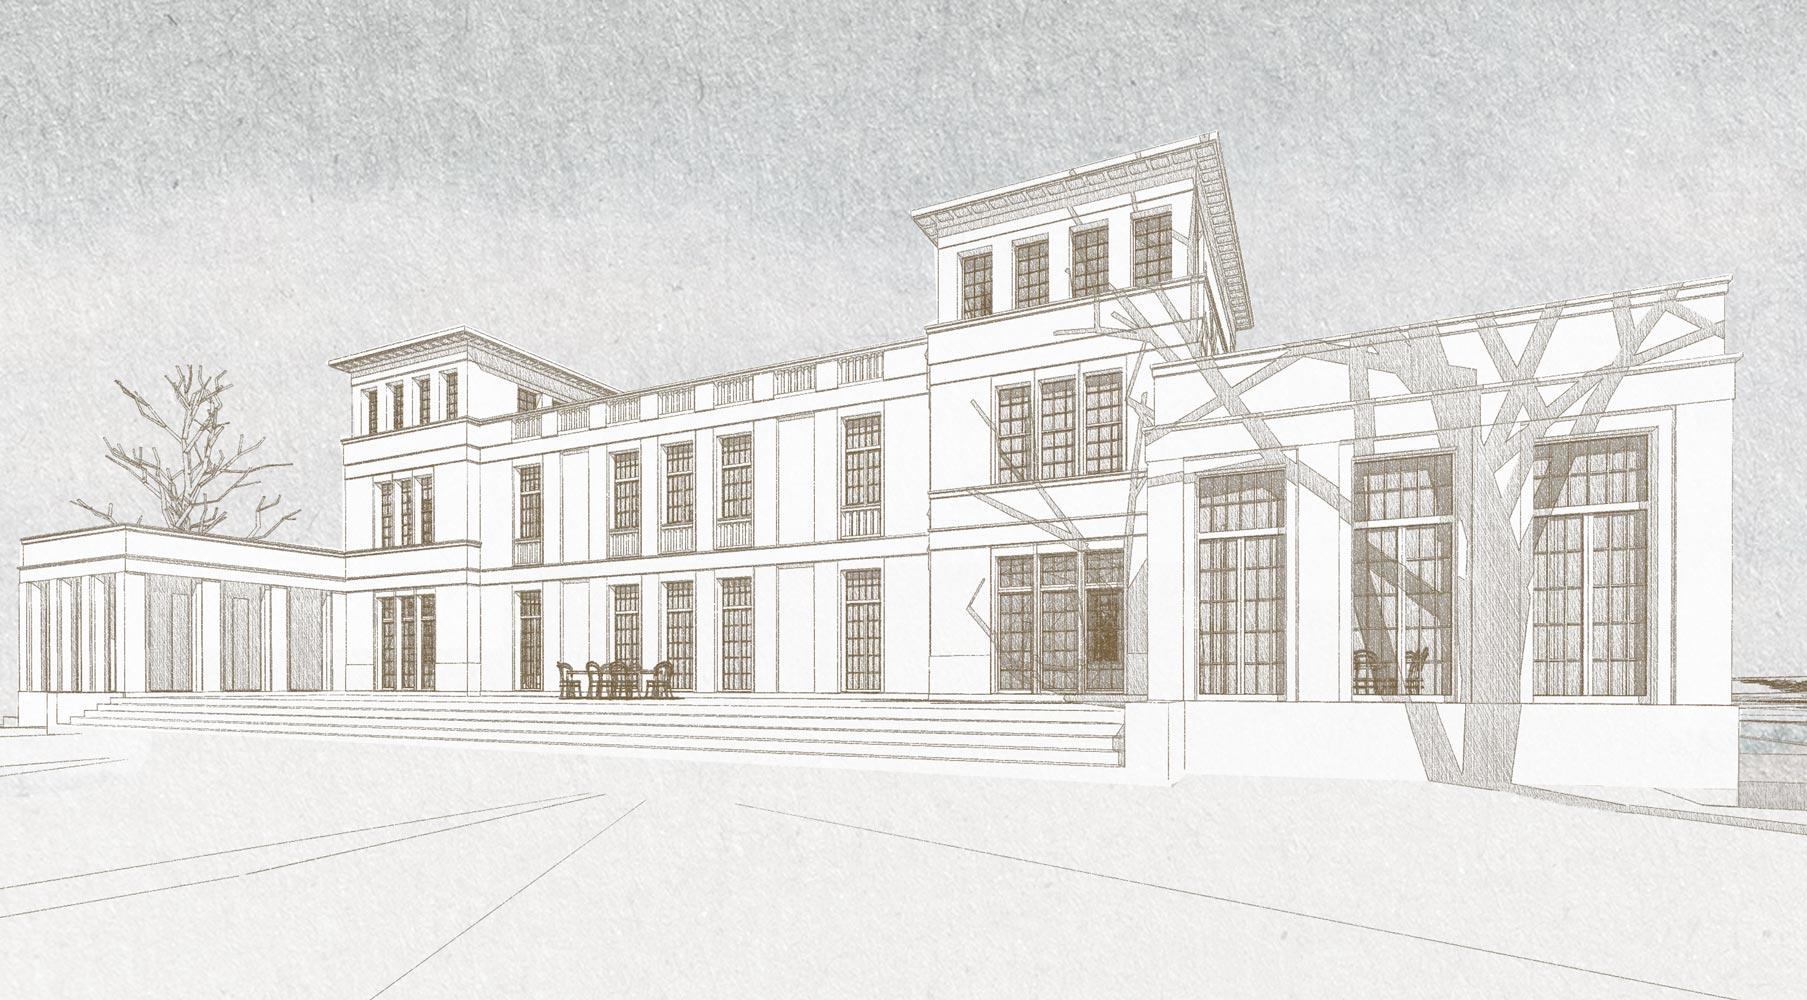 ENGLISH COUNTRY HOUSE - Neubau einer Villa am See im Stil eines englischen Landhauses. Die Fassaden sind bodentief verglast.